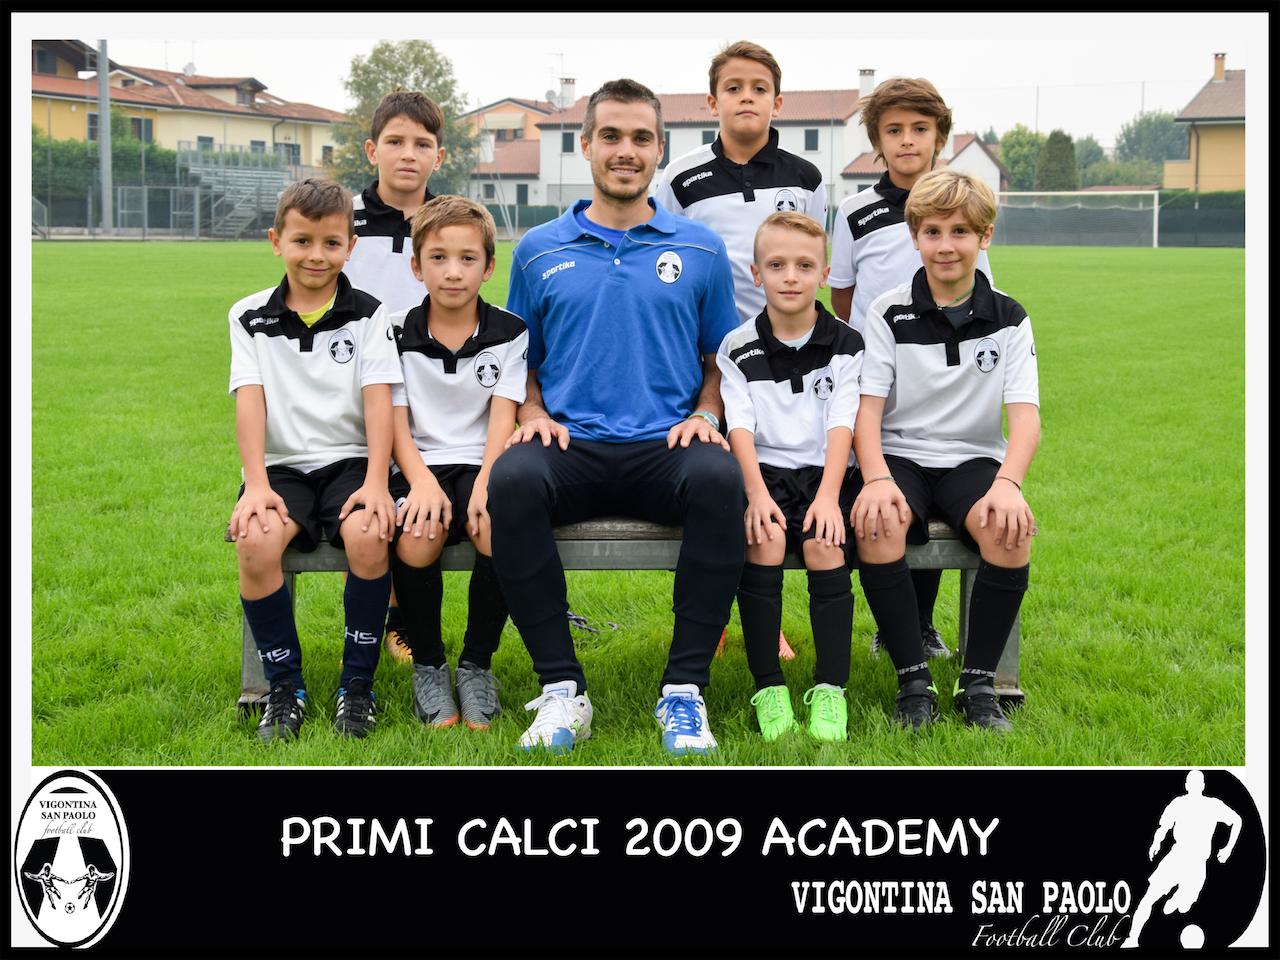 2009 Primi Calci - Favero